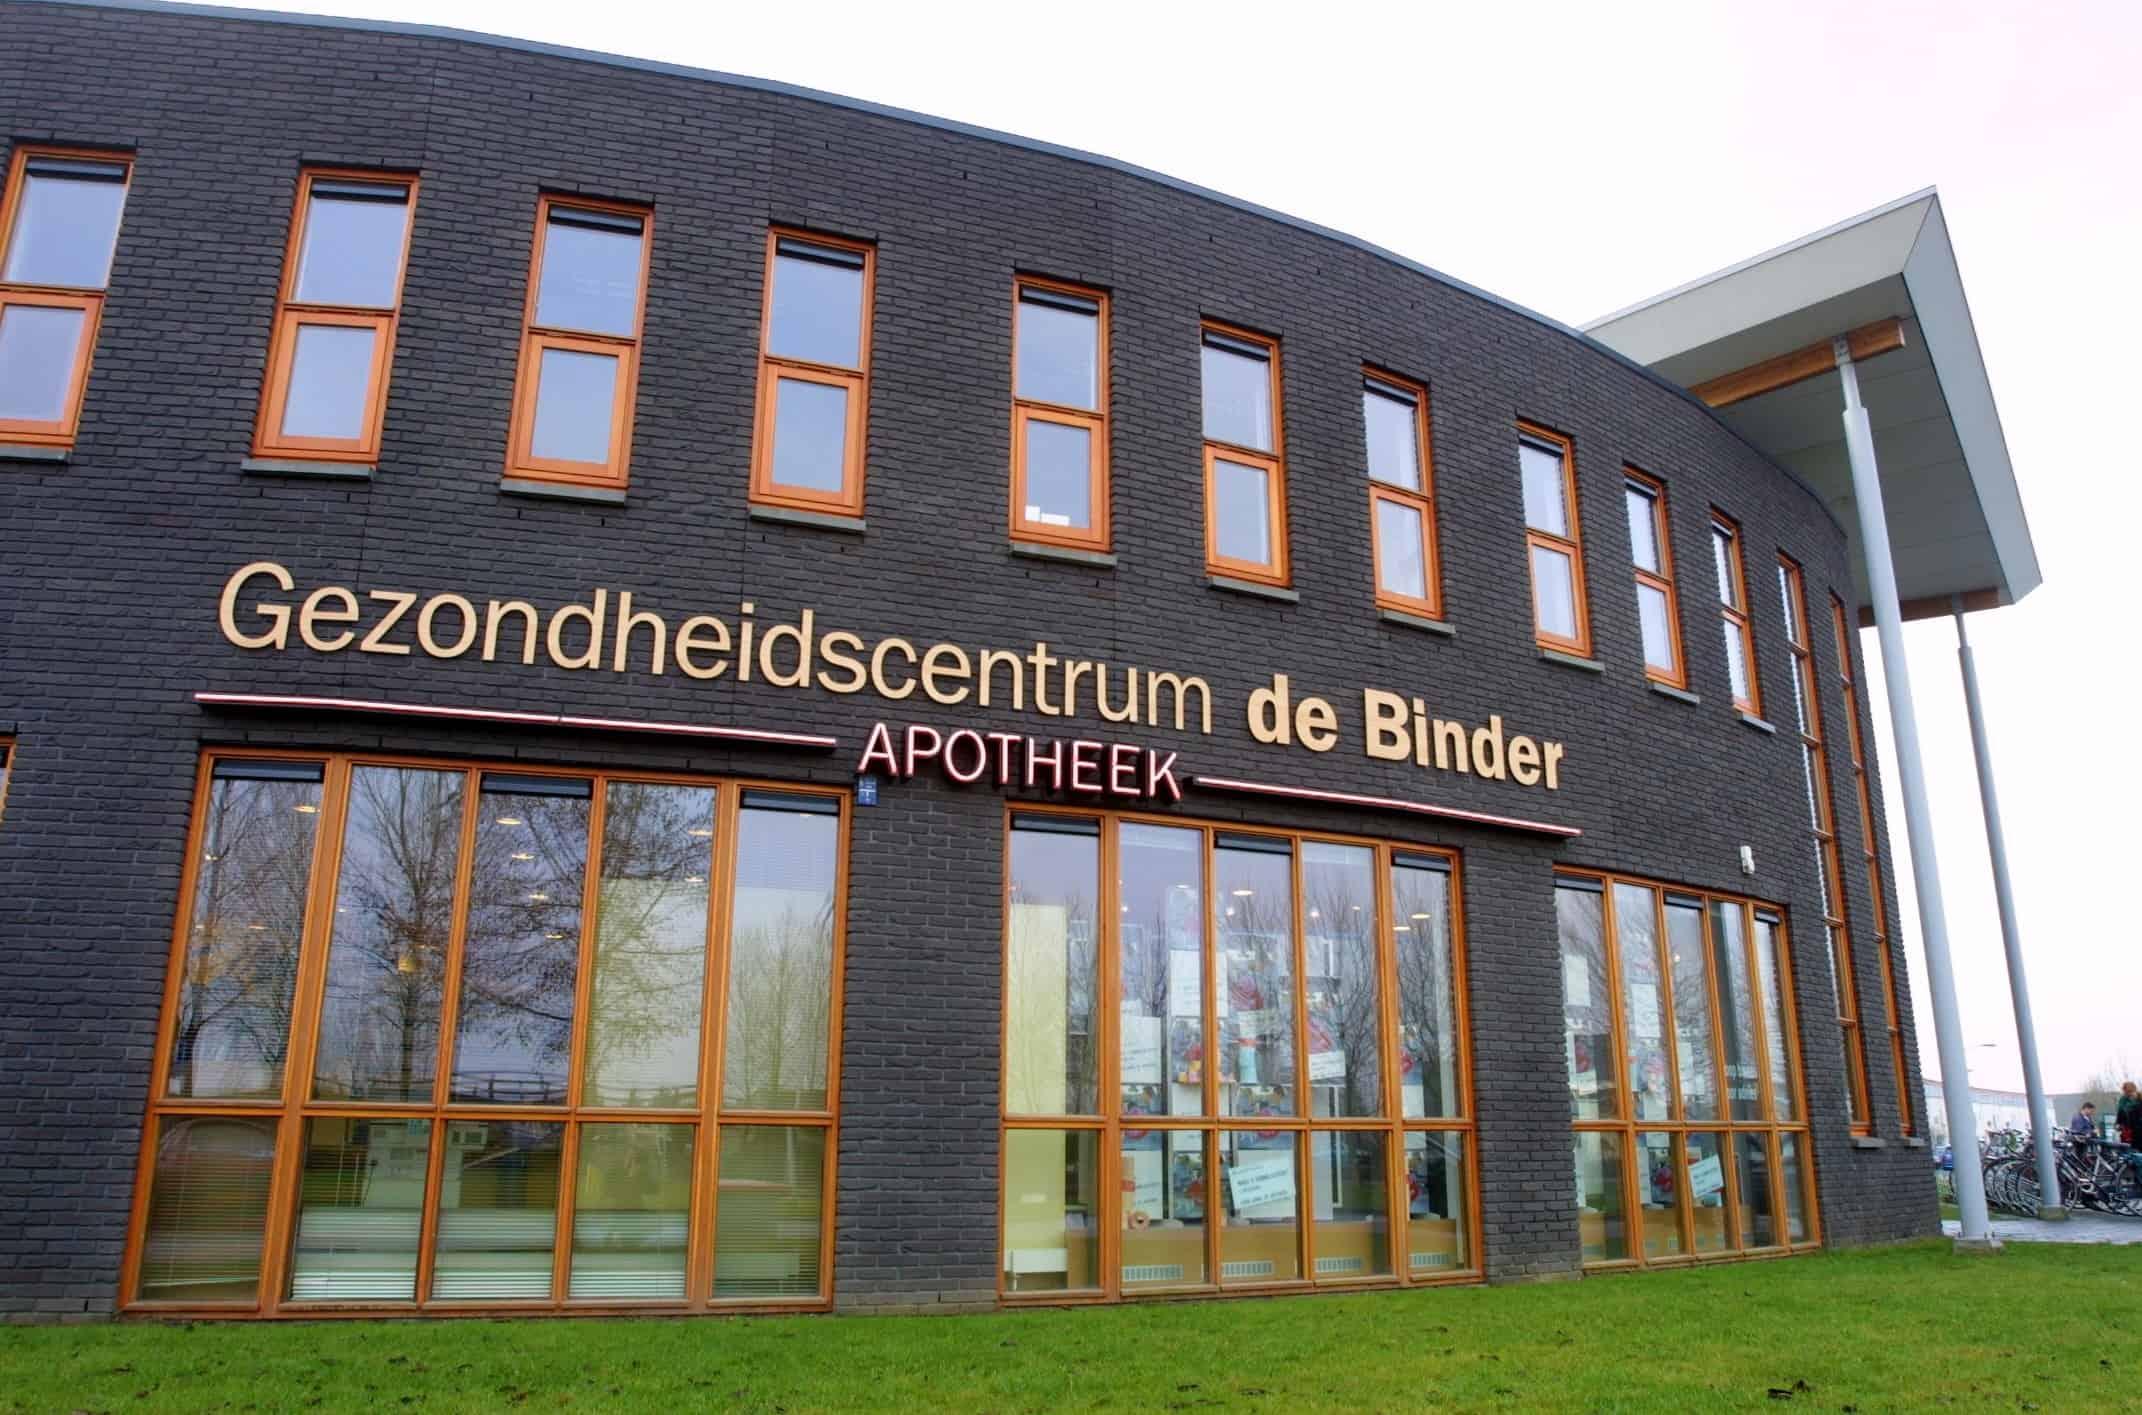 Pand Gezondheidscentrum De Binder